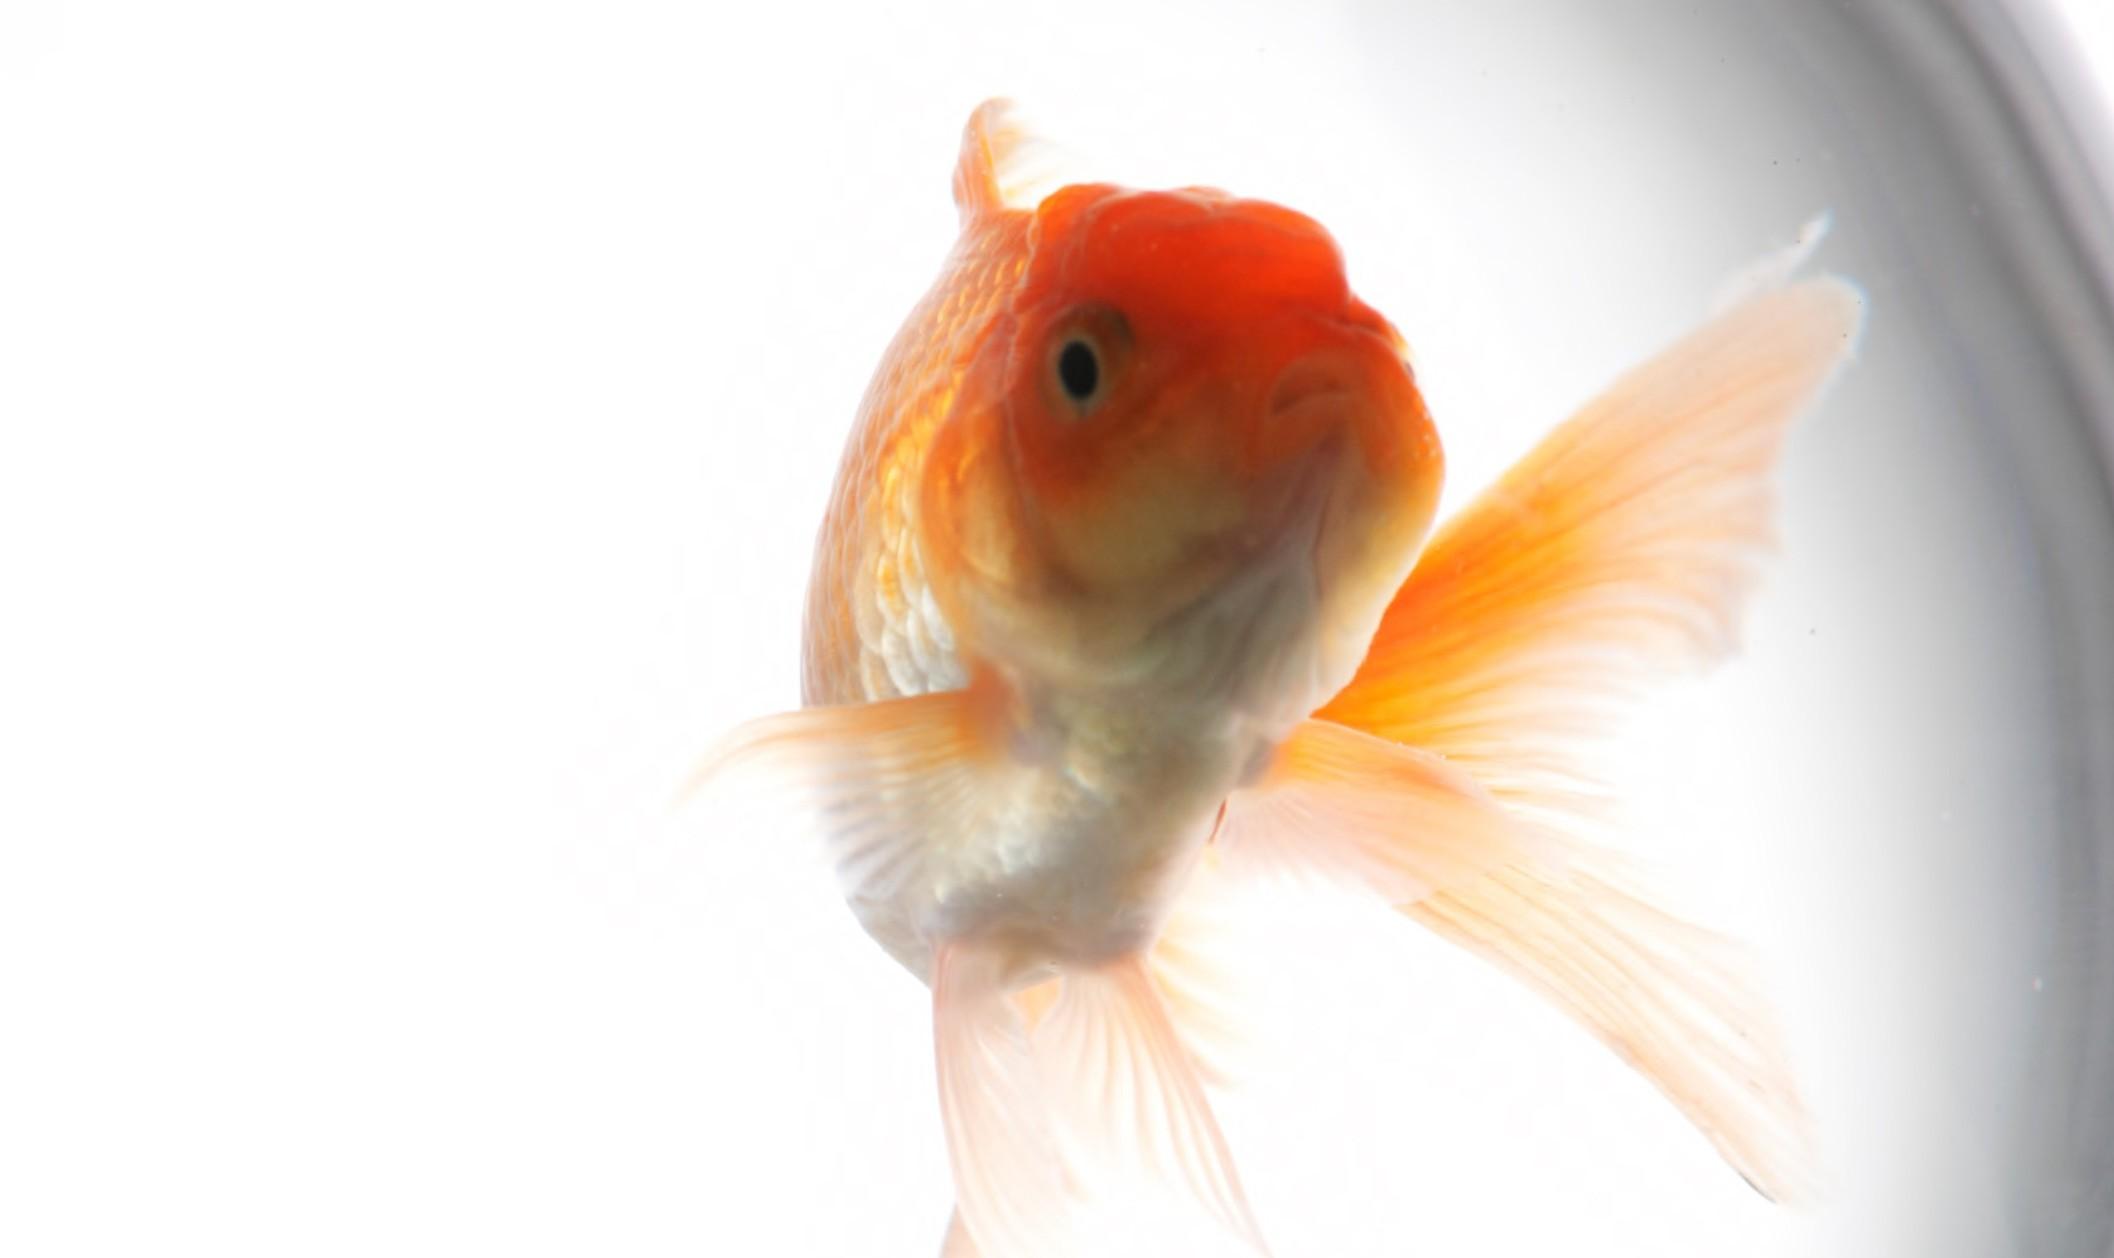 An image of gold fish in aquarium